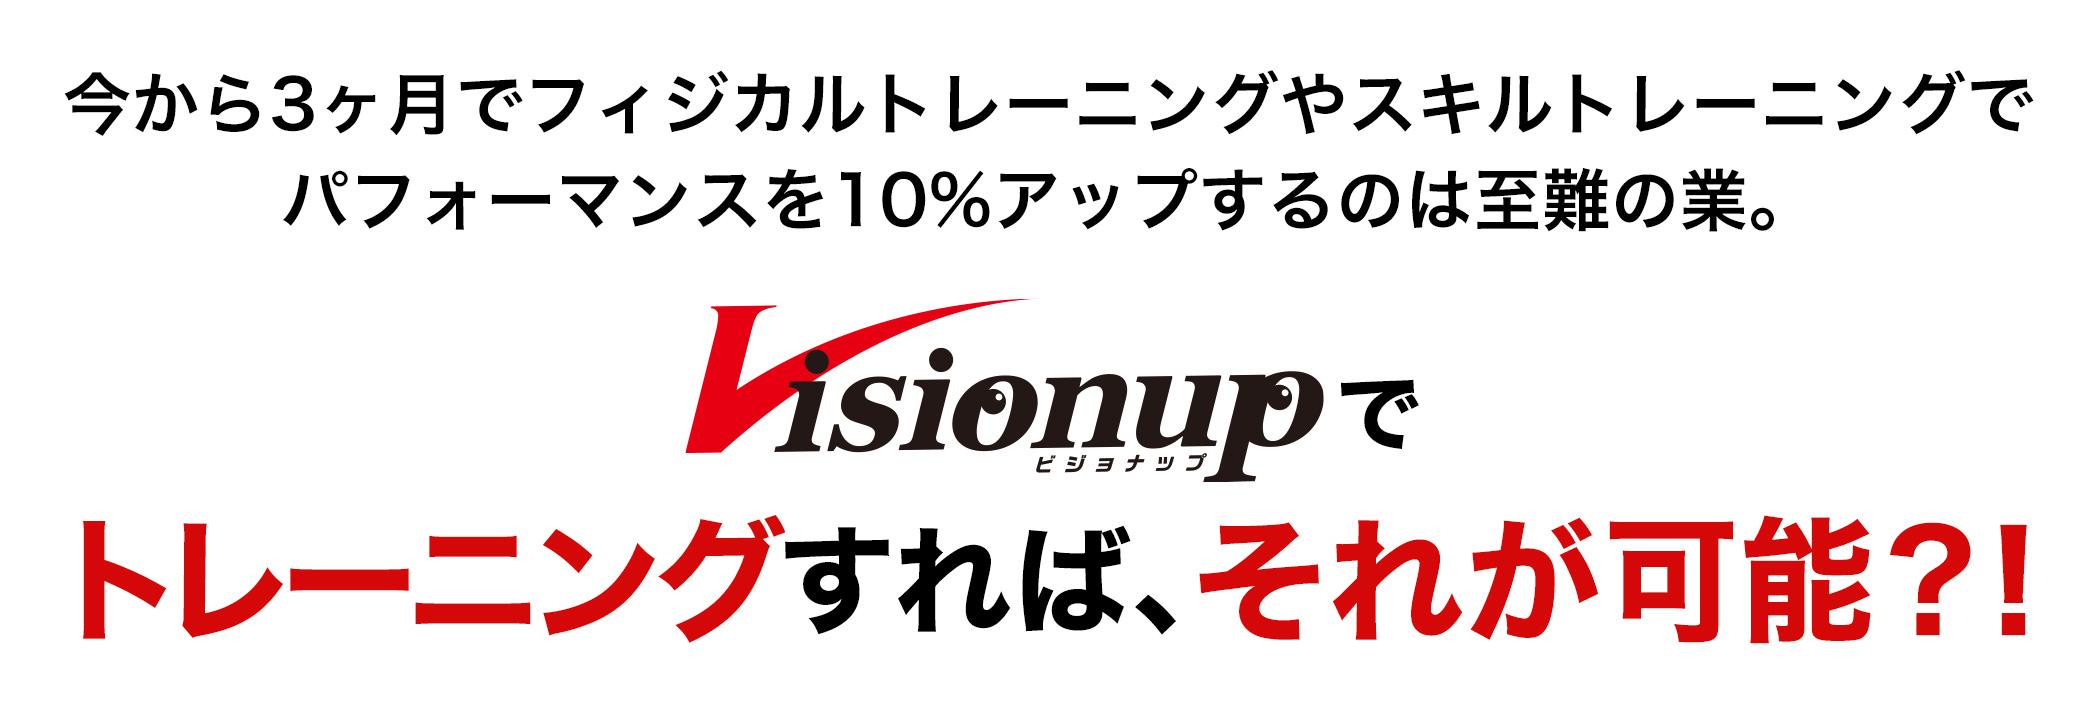 Visionupでトレーニングすれば、それが可能